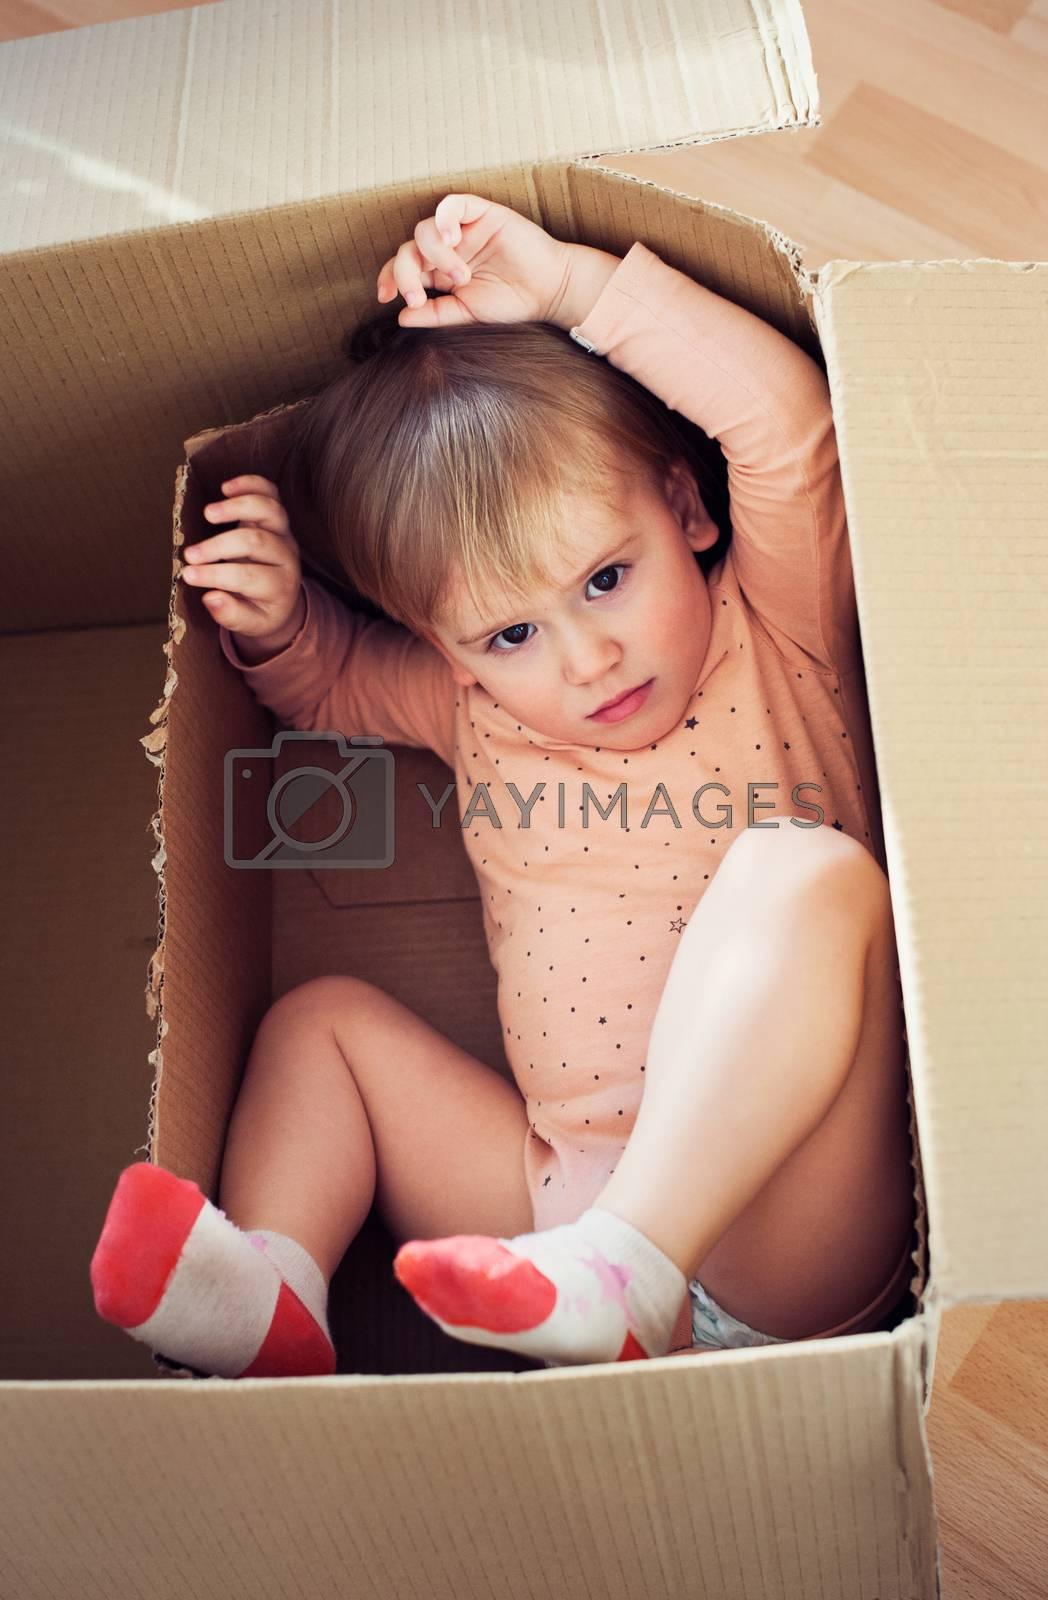 Baby toddler in a carton box having fun